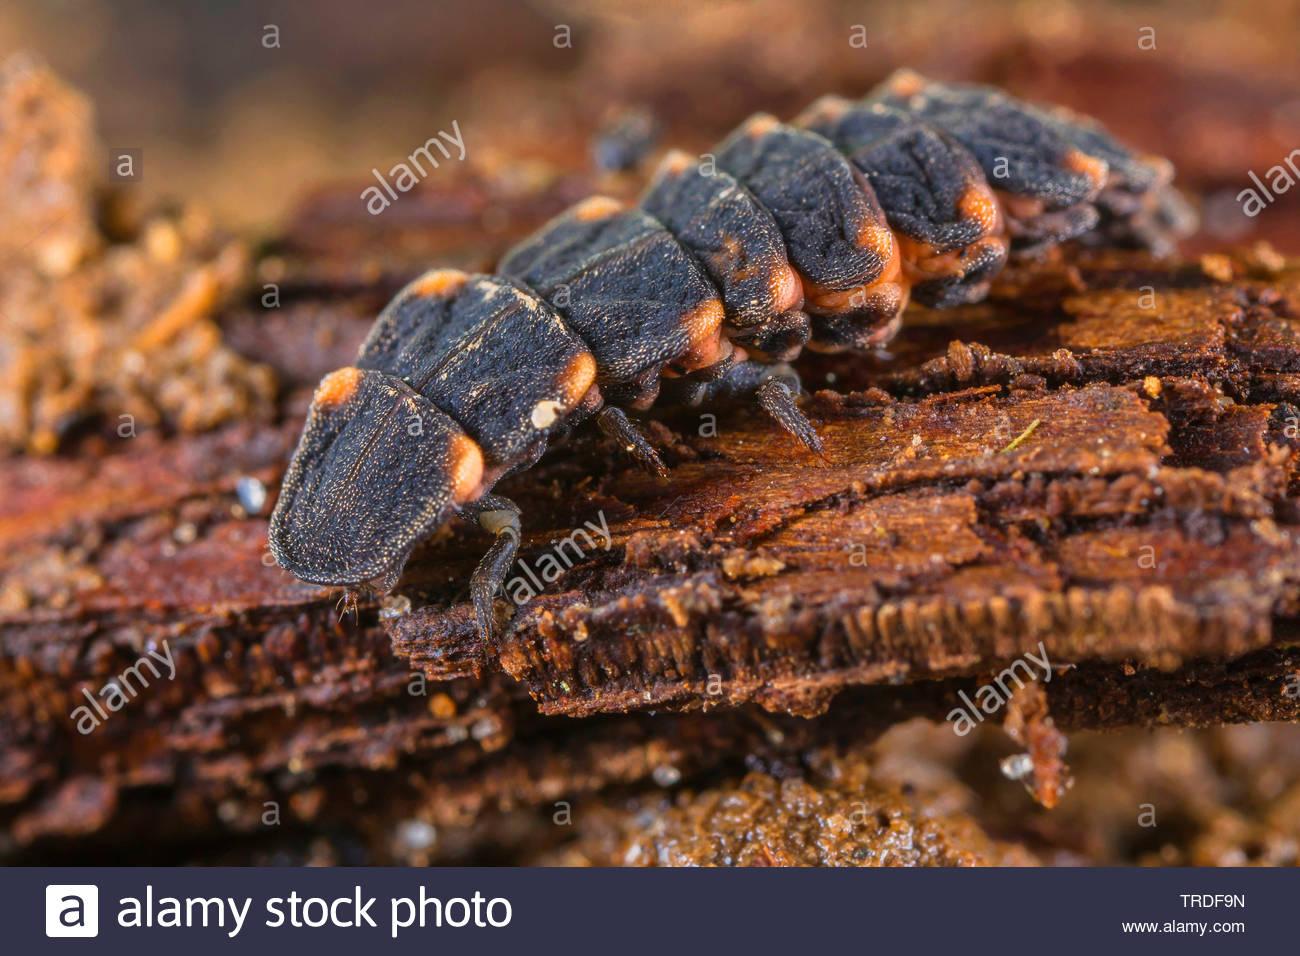 gemeiner leuchtkaefer kleiner leuchtkaefer kleines gluehwuermchen johanniskaefer johannis kaefer johanniswuermchen johanniswuermchen lamprohiza TRDF9N